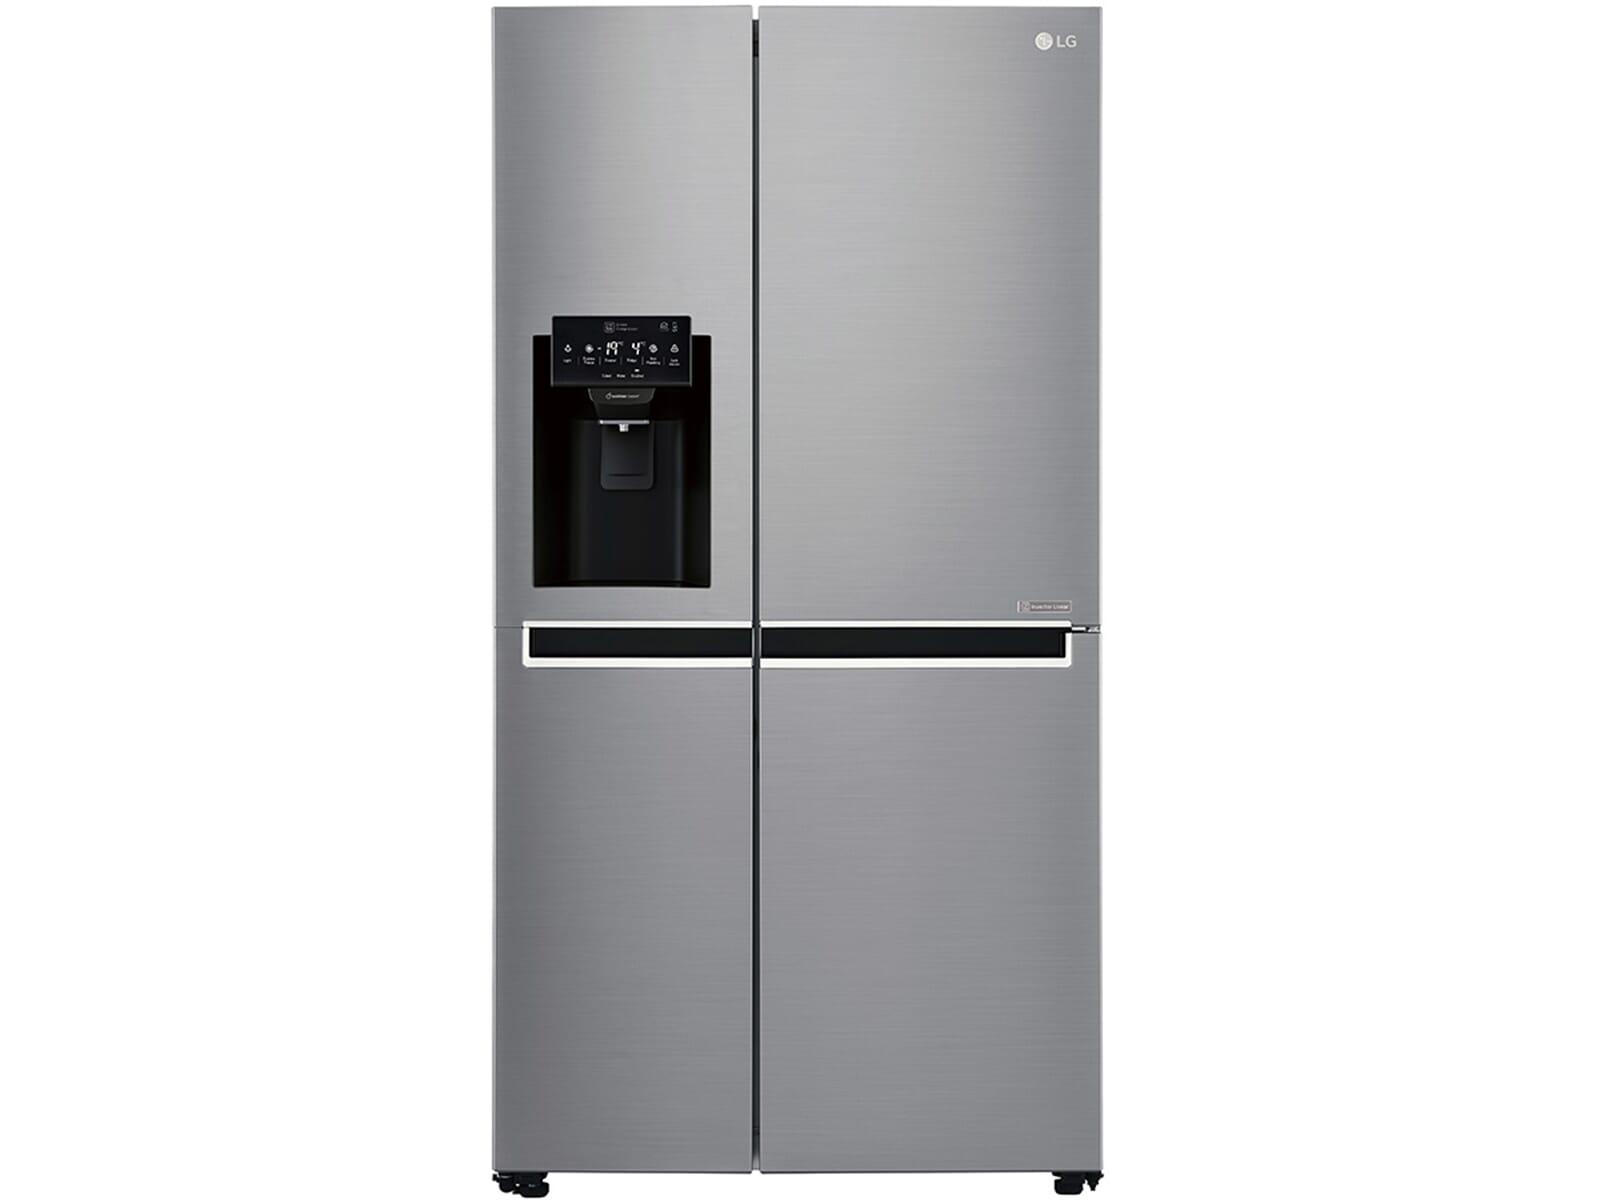 Kühlschrank B Ware : Lg gsj pztz side by side kühl gefrier kombination steel b ware